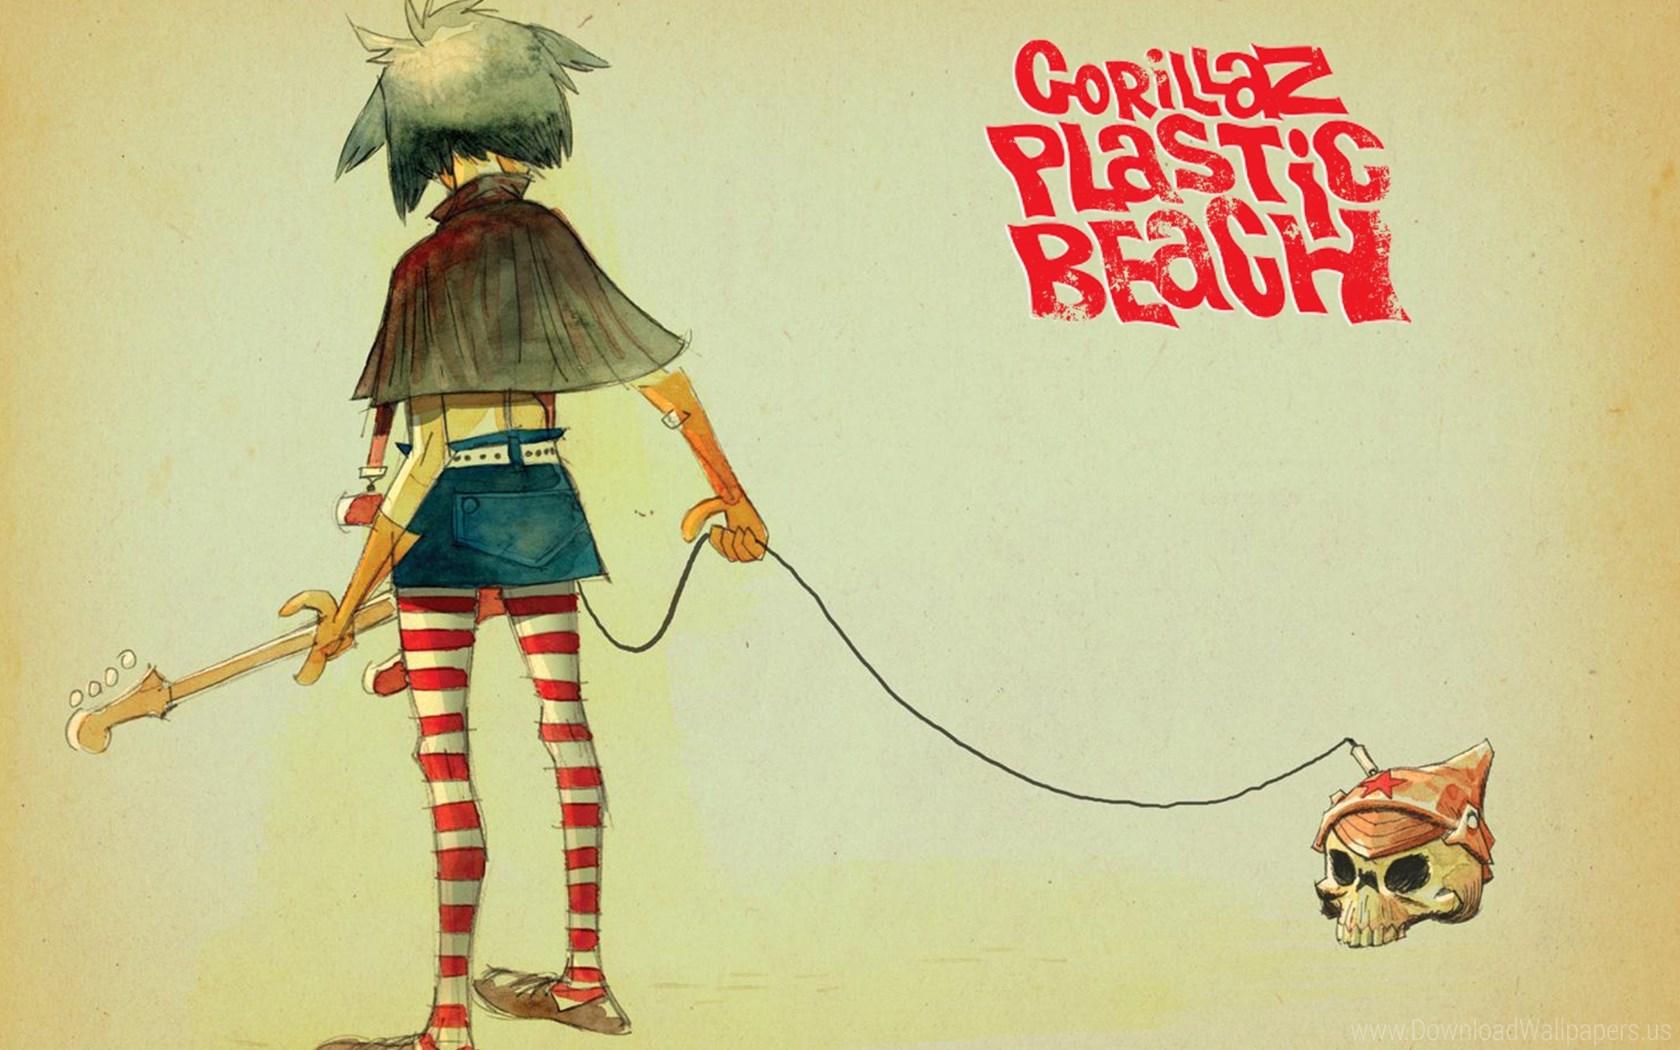 Gorillaz Noodle Plastic Beach , HD Wallpaper & Backgrounds